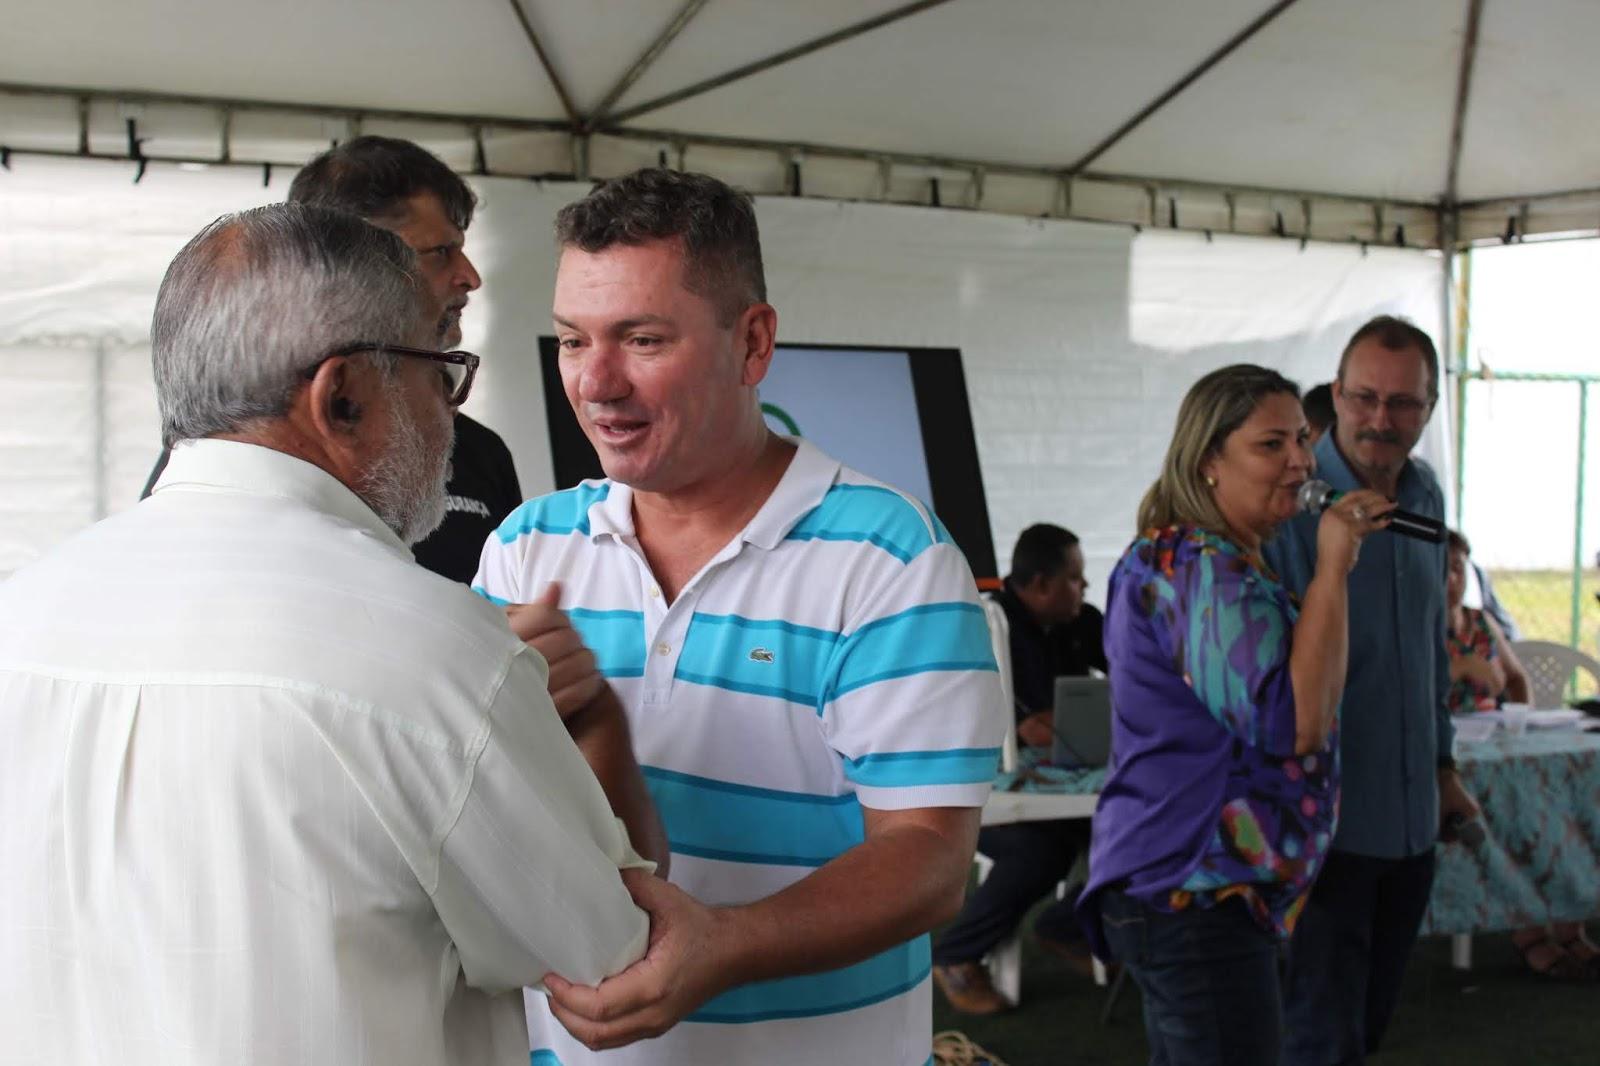 IMG 2845 - Novo administrador do Paranoá, Sergio Damasceno, começa seu primeiro dia de trabalho no Domingo ouvindo a comunidade local.